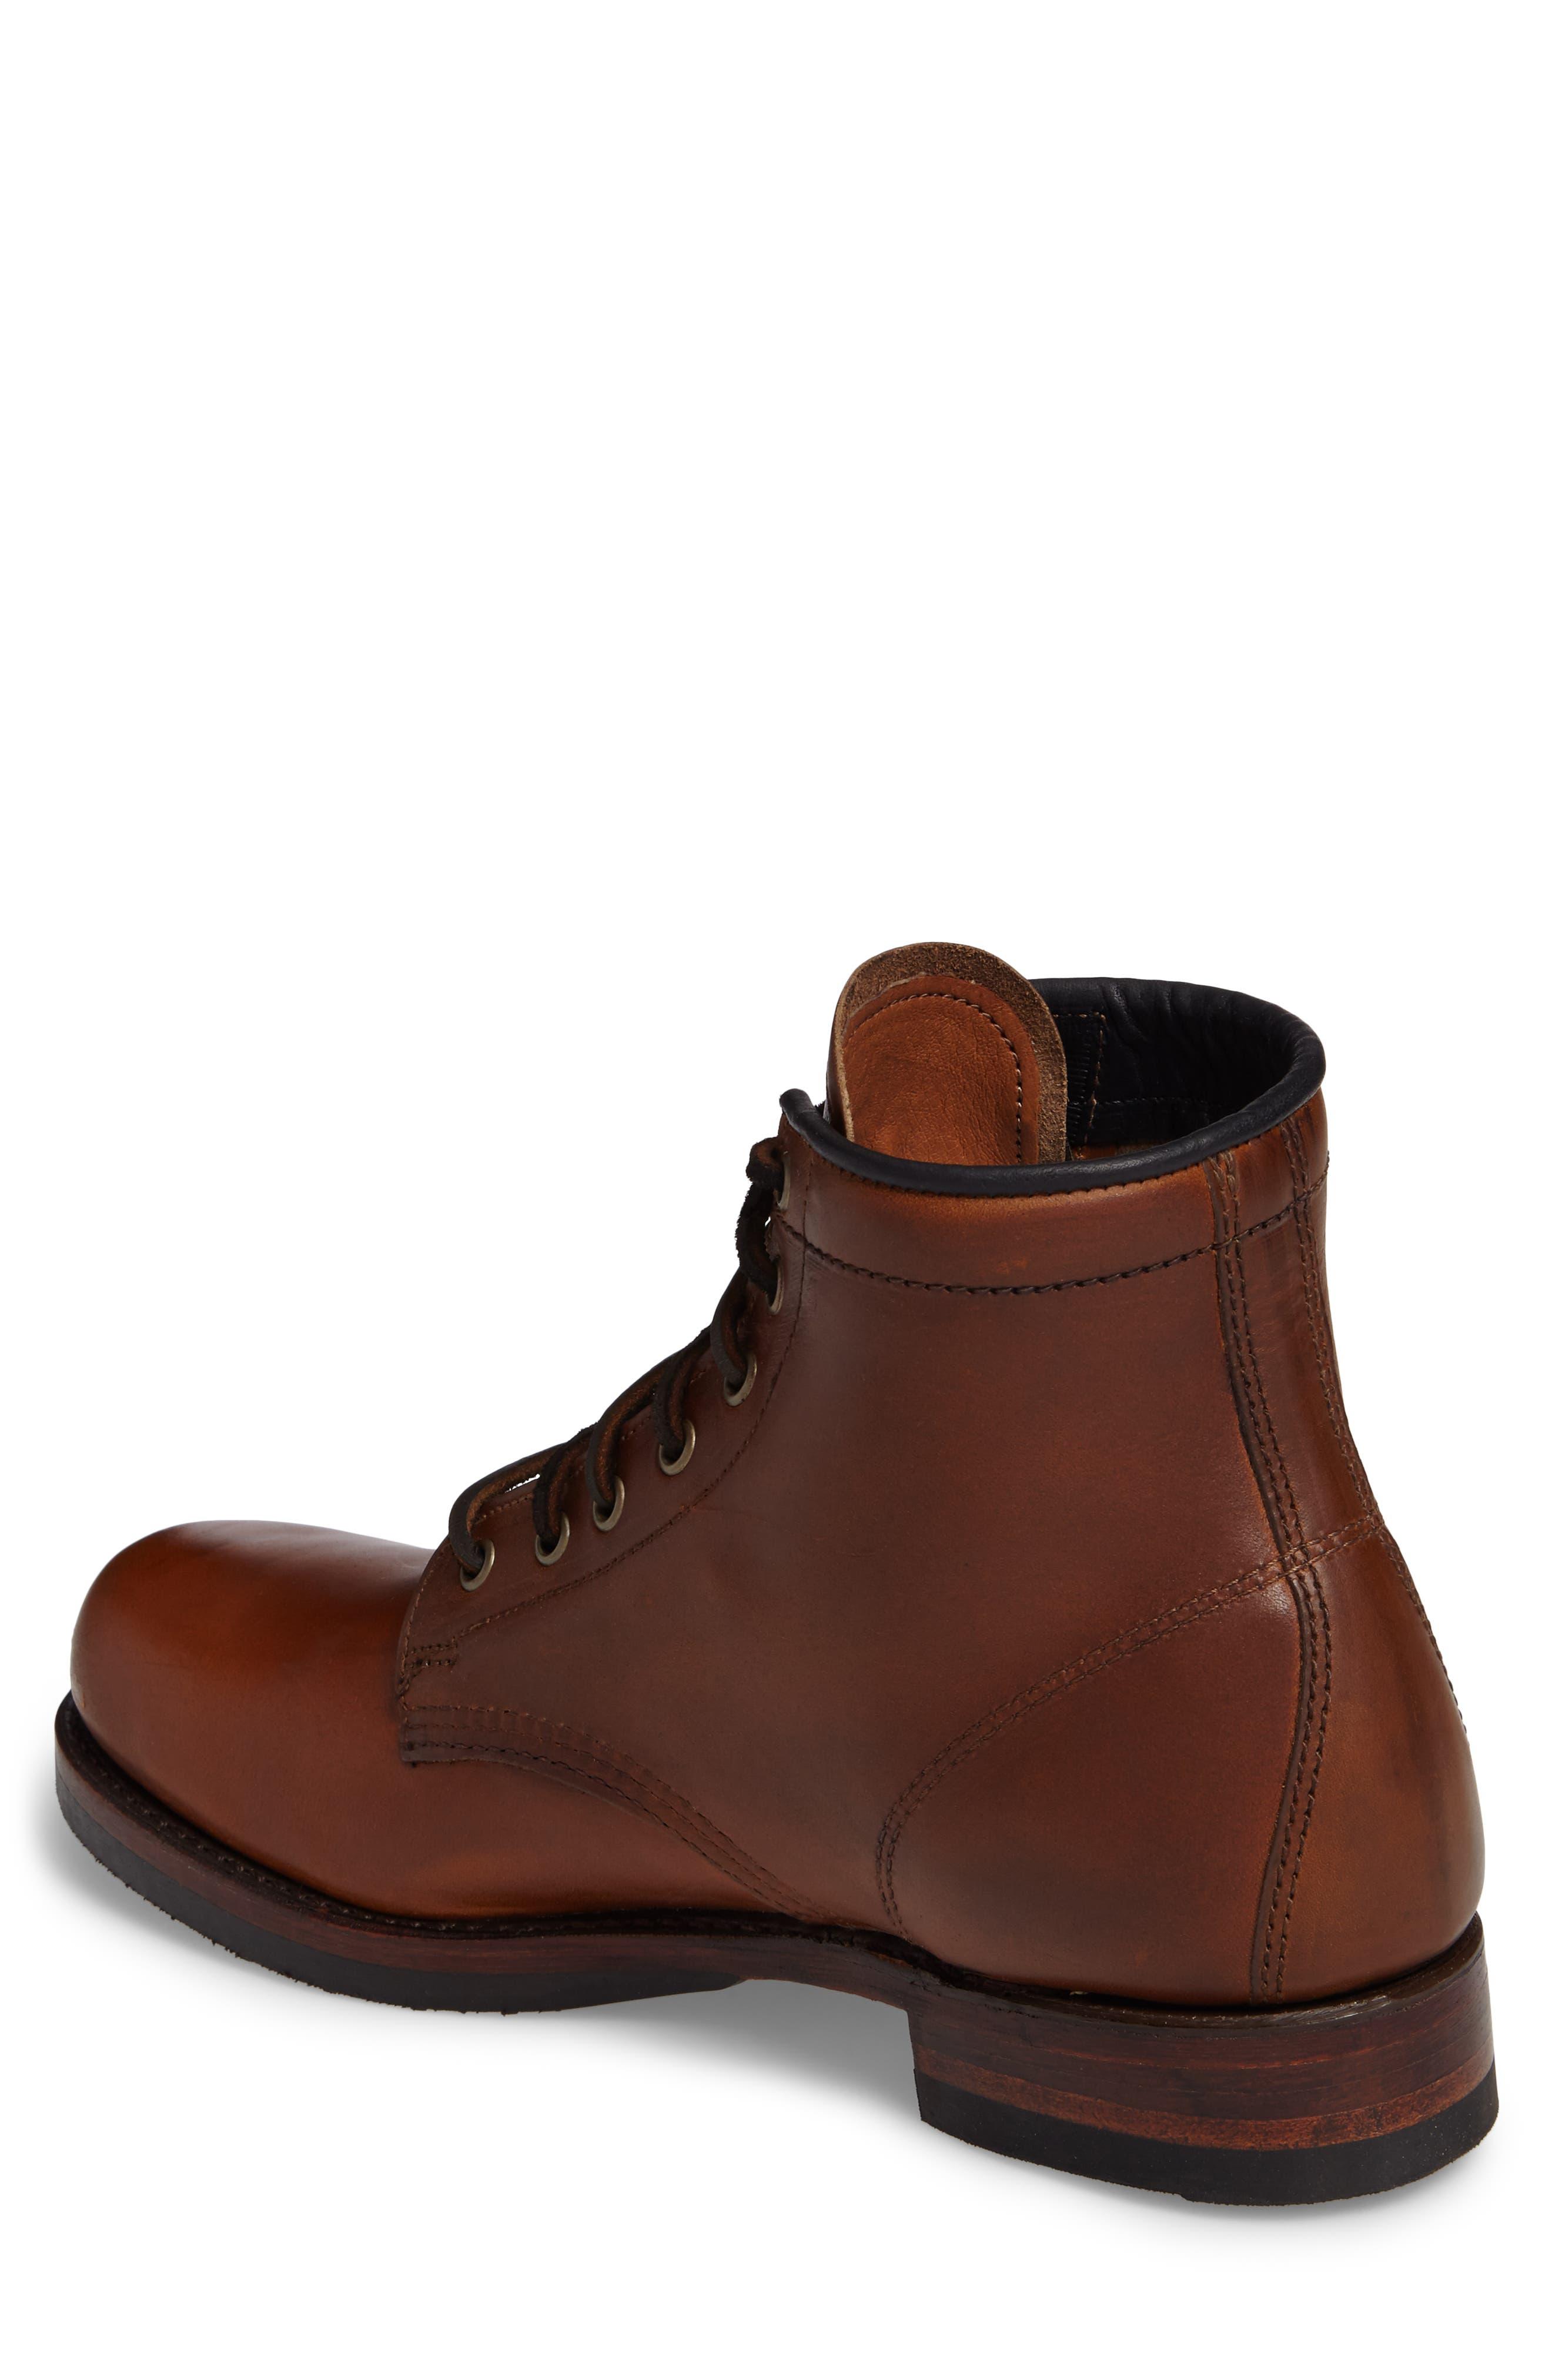 John Addison Plain Toe Boot,                             Alternate thumbnail 2, color,                             218